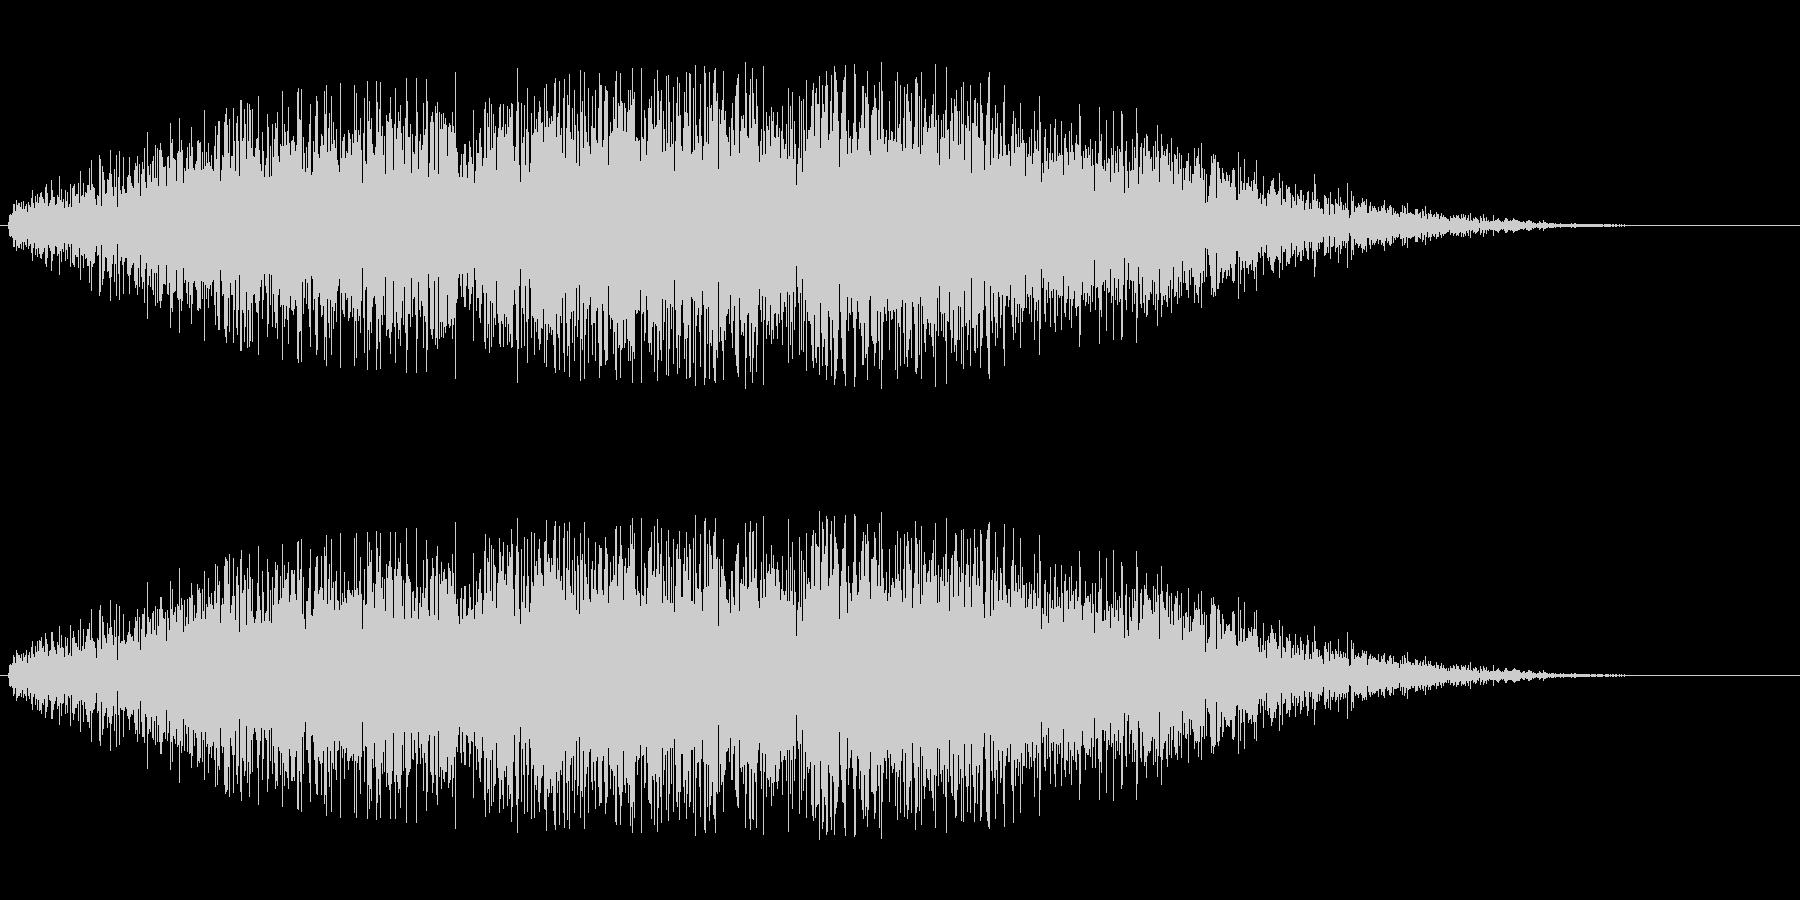 無機質な音(見えない力のはたらきなど)の未再生の波形